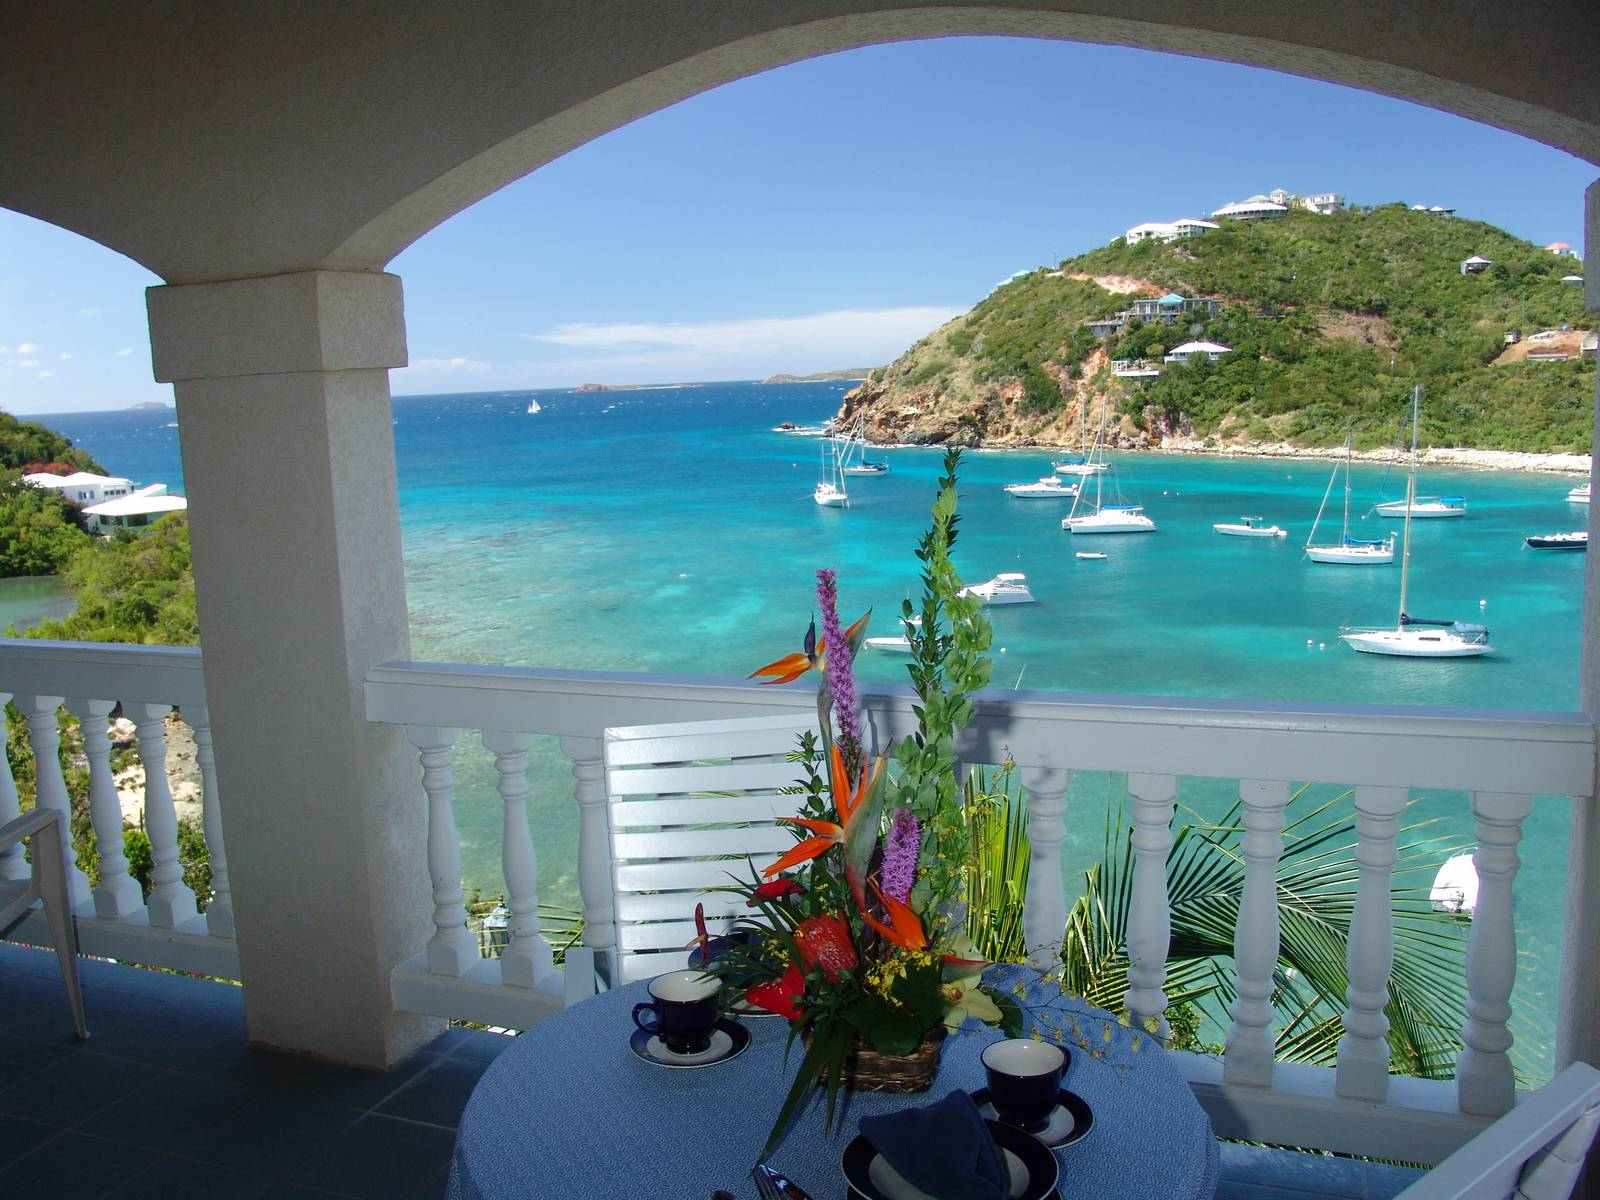 st john usvi vacations rental villas | villa st john | carefree